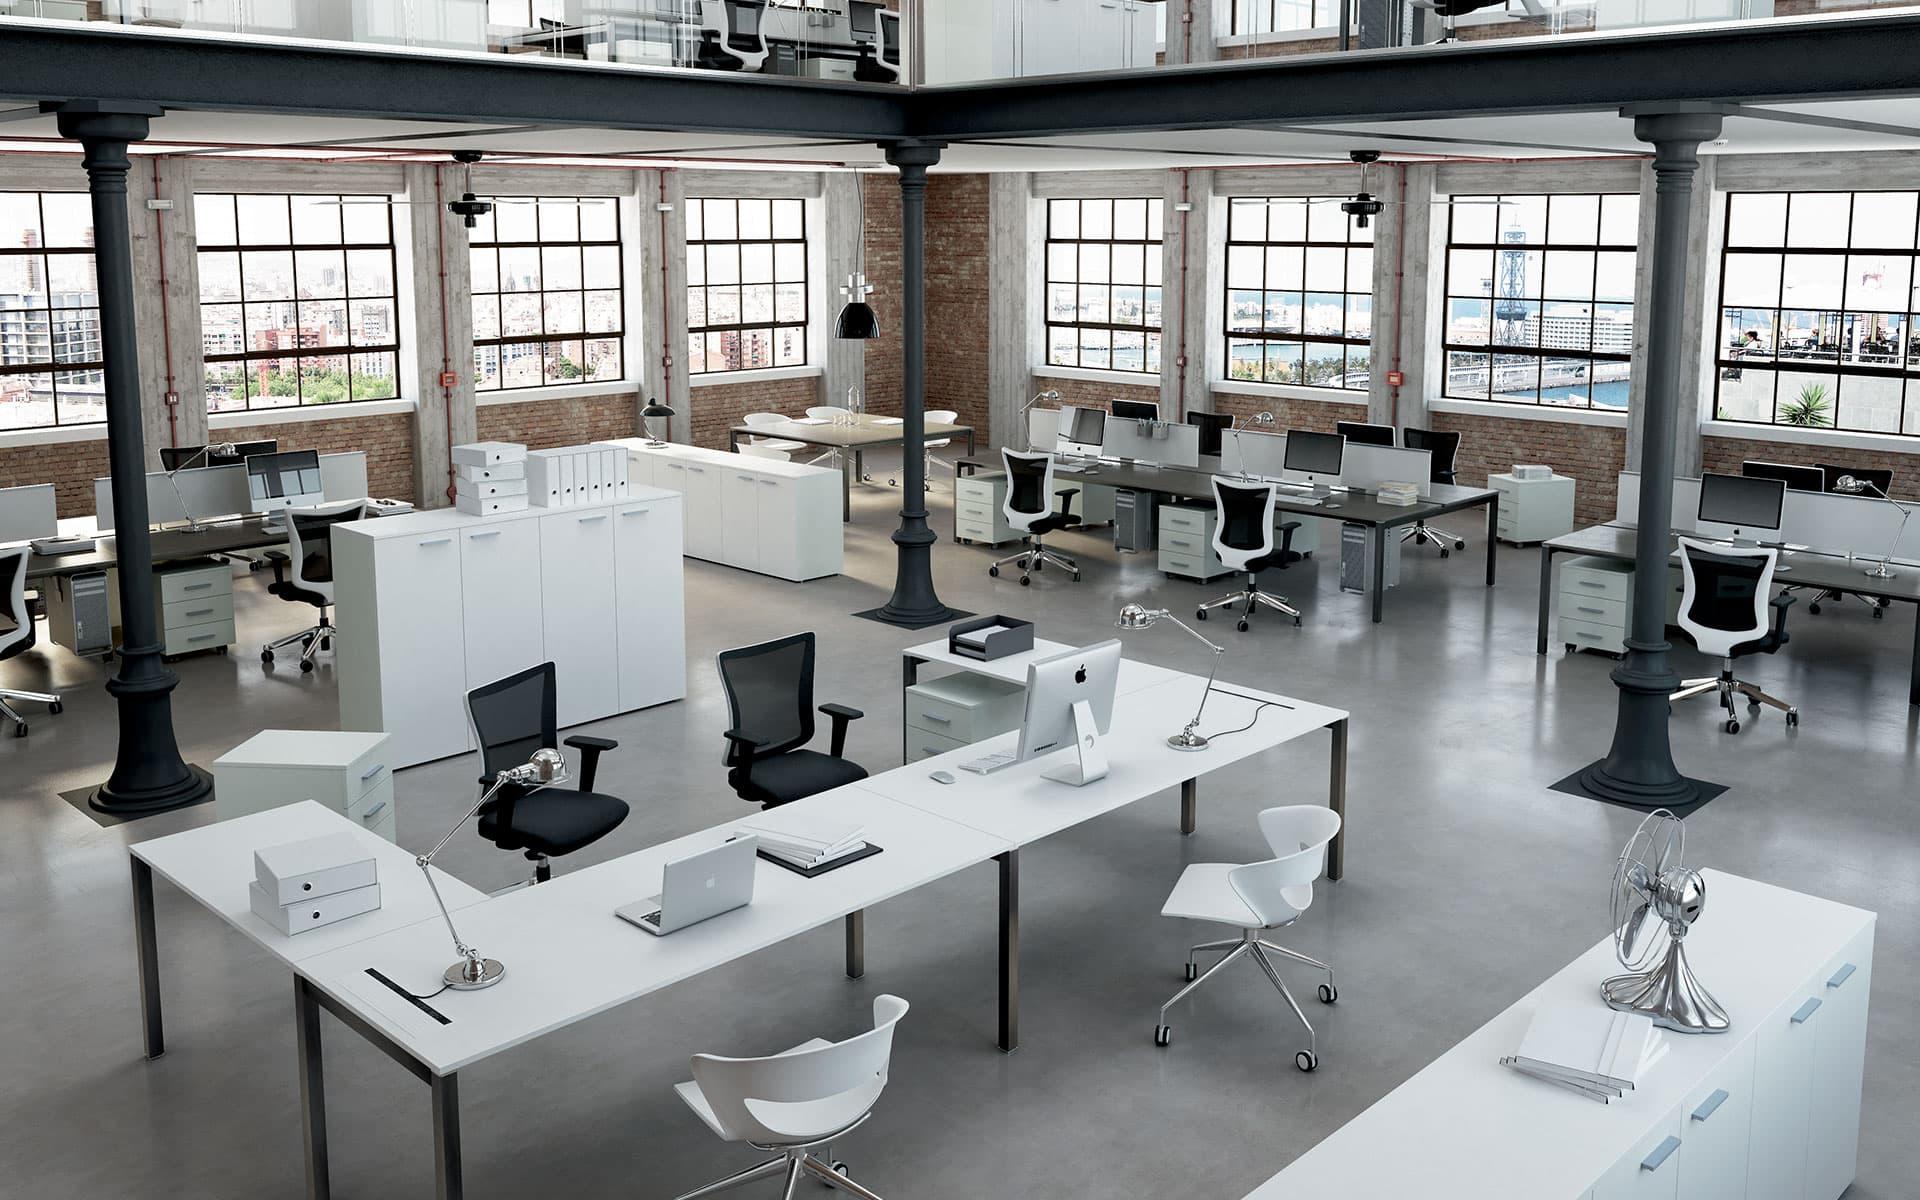 Contract ufficio contract mobili per ufficio arredo for Aziende mobili per ufficio